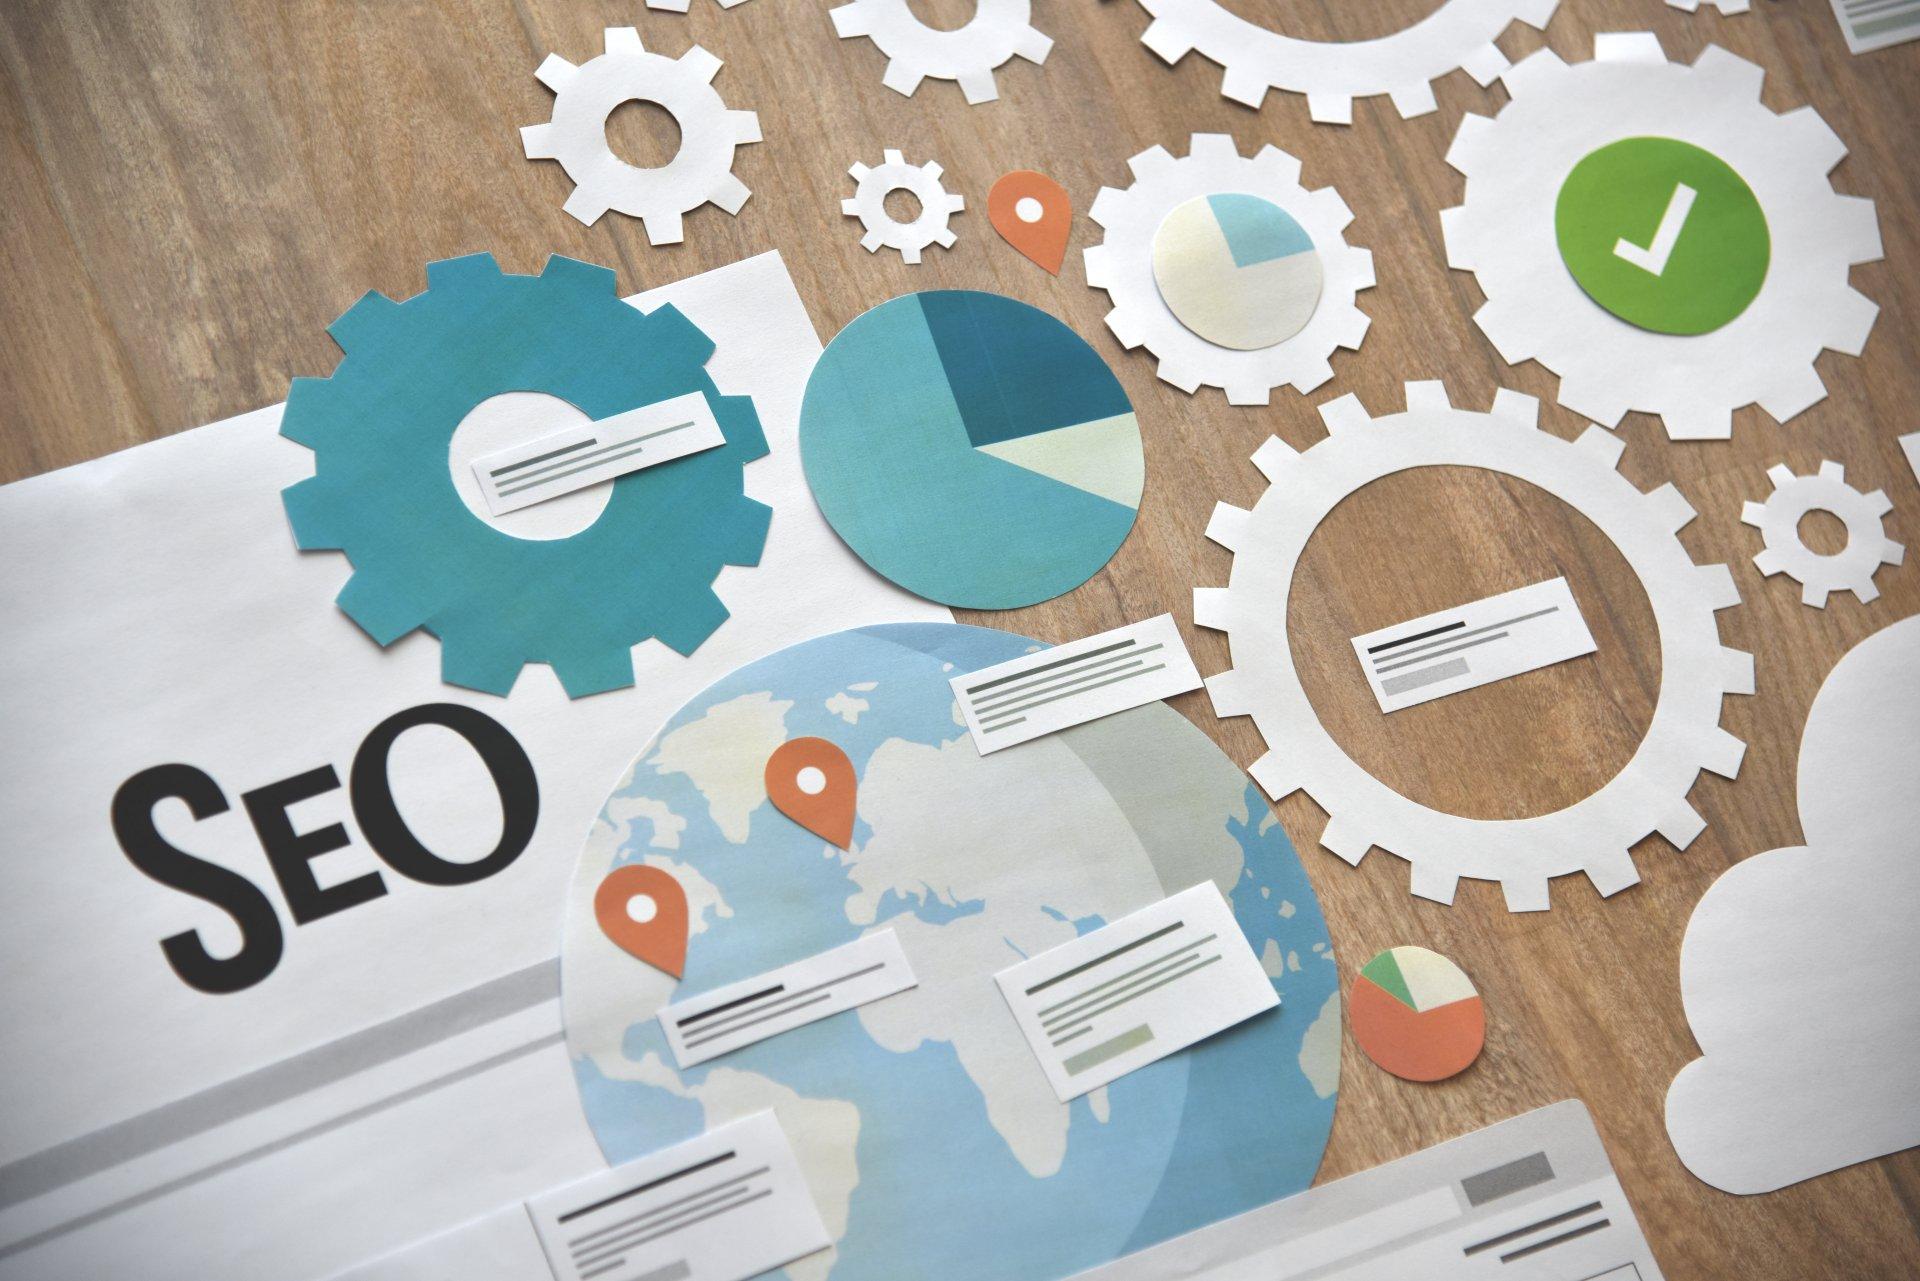 Audyt – Jak wprosty sposób podsumować swoje działania marketingowe